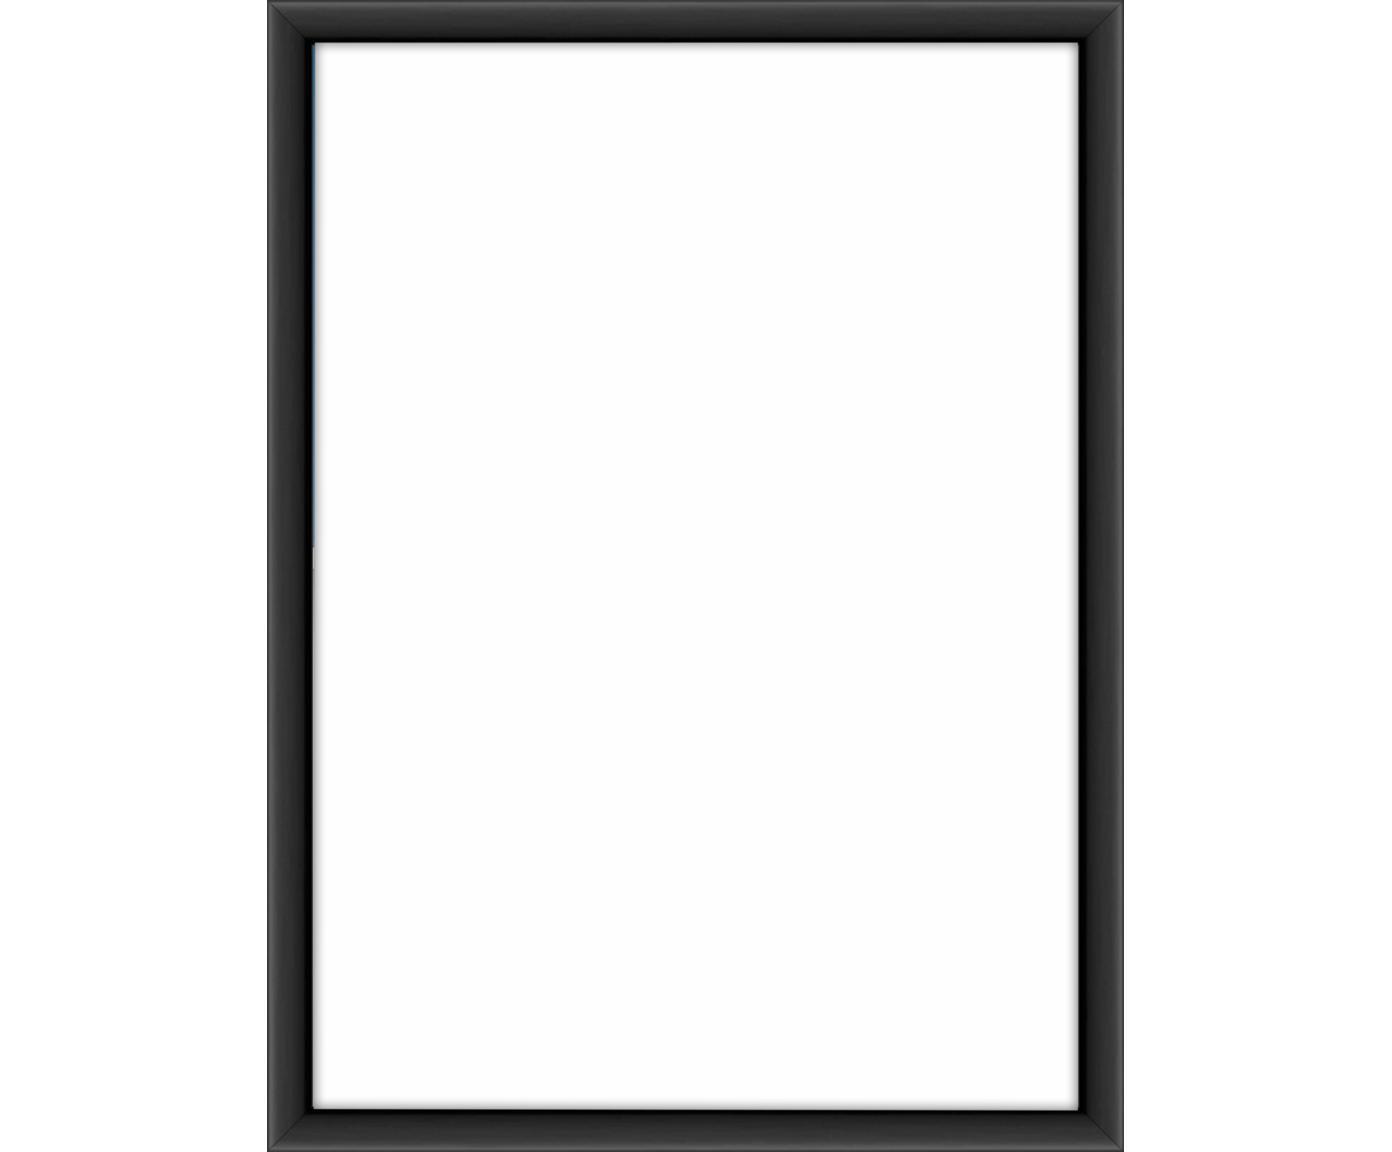 Bilderrahmen Accent, Rahmen: Aluminium, beschichtet, Front: Glas, Rückseite: Mitteldichte Holzfaserpla, Schwarz, 13 x 18 cm